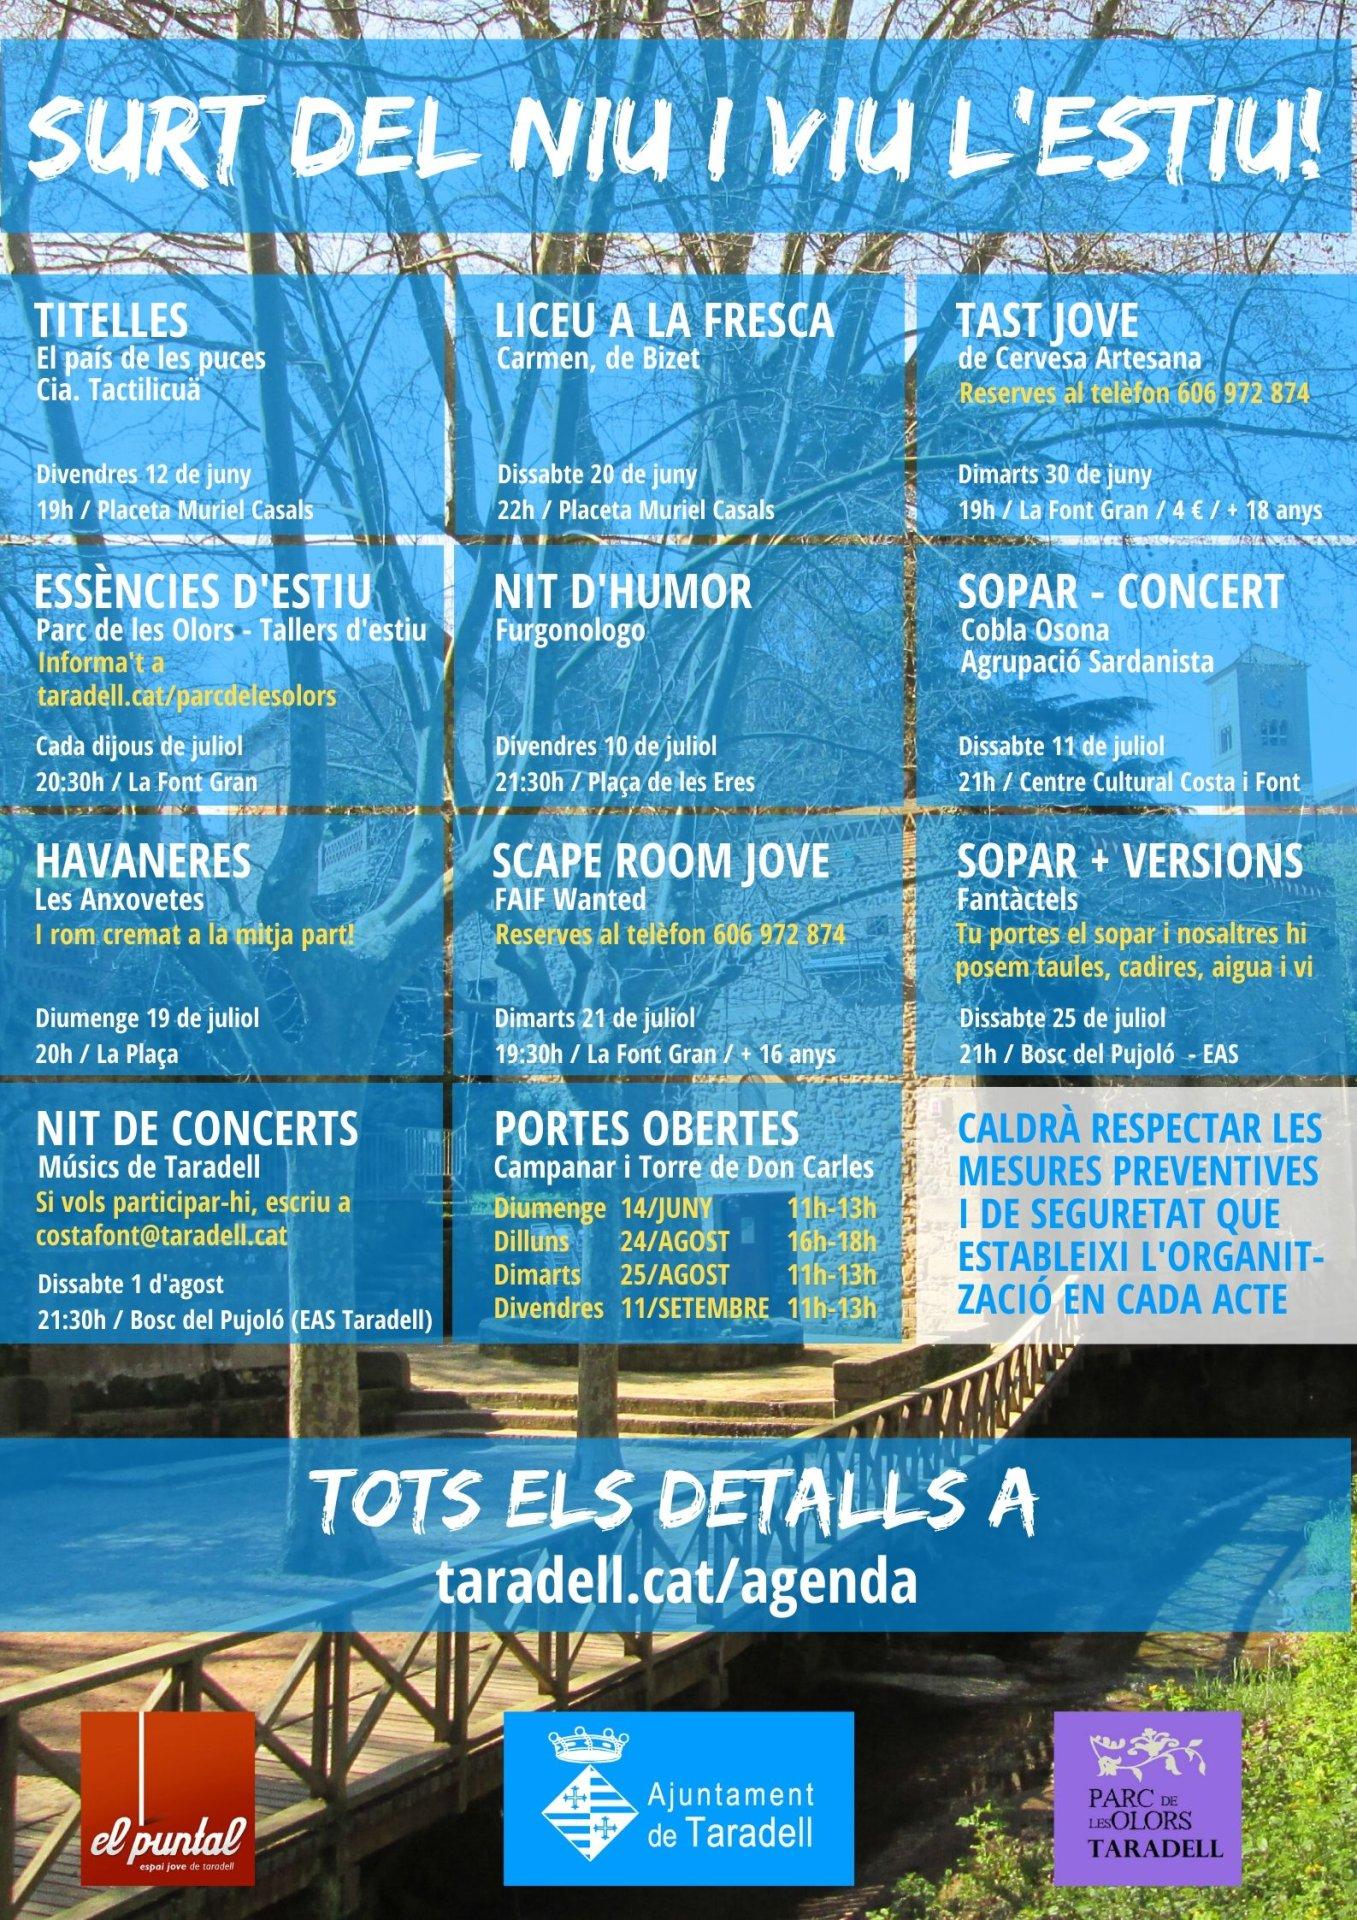 Surt del Niu i viu l'estiu! Cartell i programa dels actes culturals els vespres d'estiu de 2020 a Taradell.